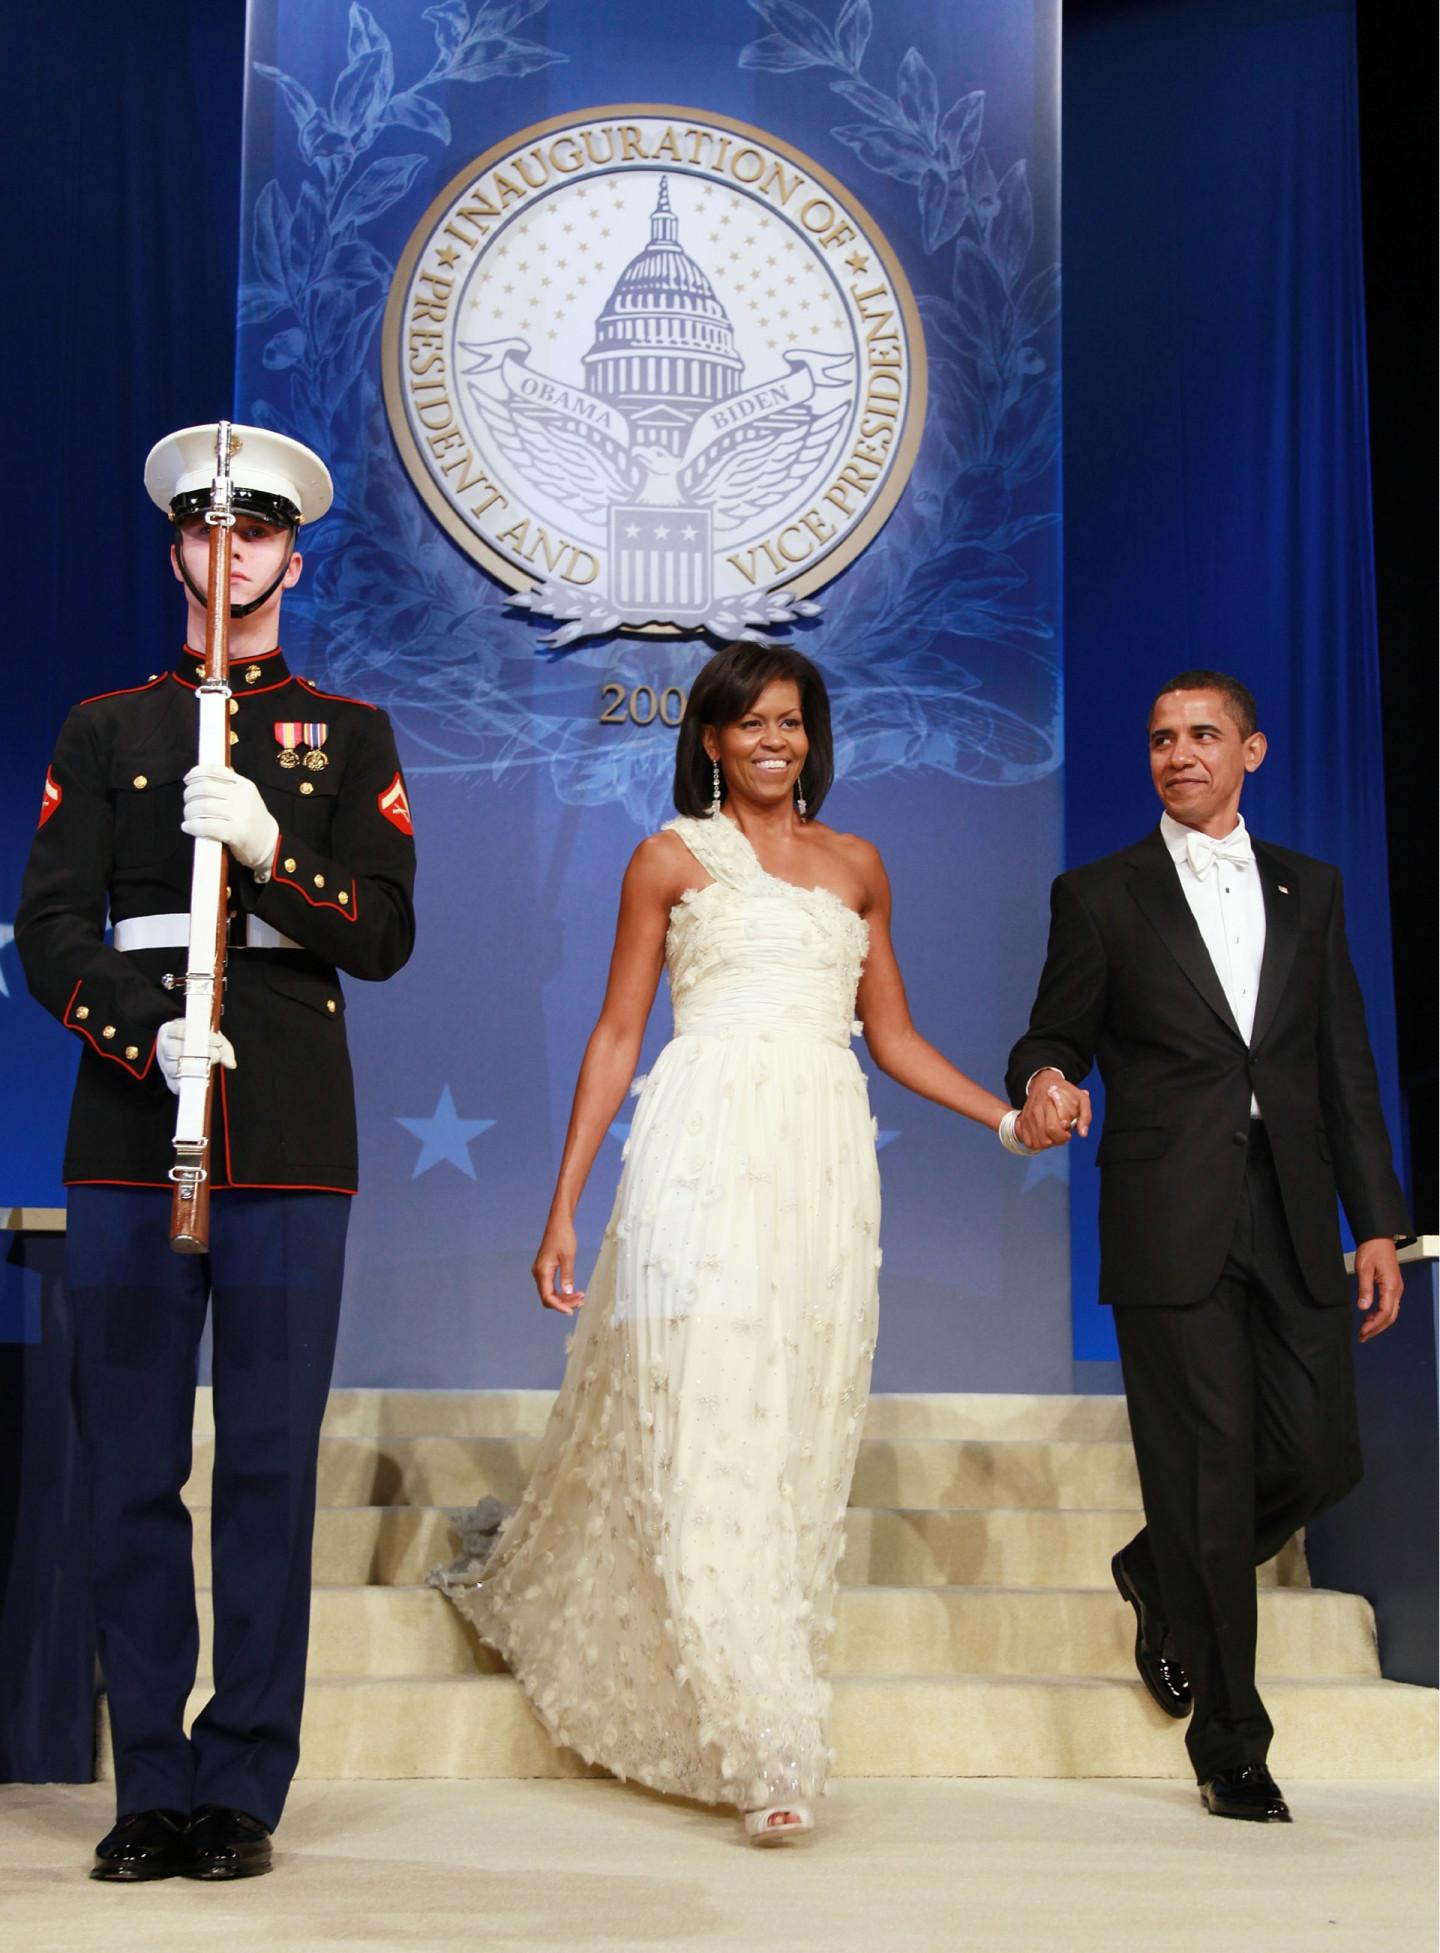 Барак Обама в смокинге Hart Schaffner Marx и Мишель Обама в платье Jason Wu, инаугурационный бал, 2009 год